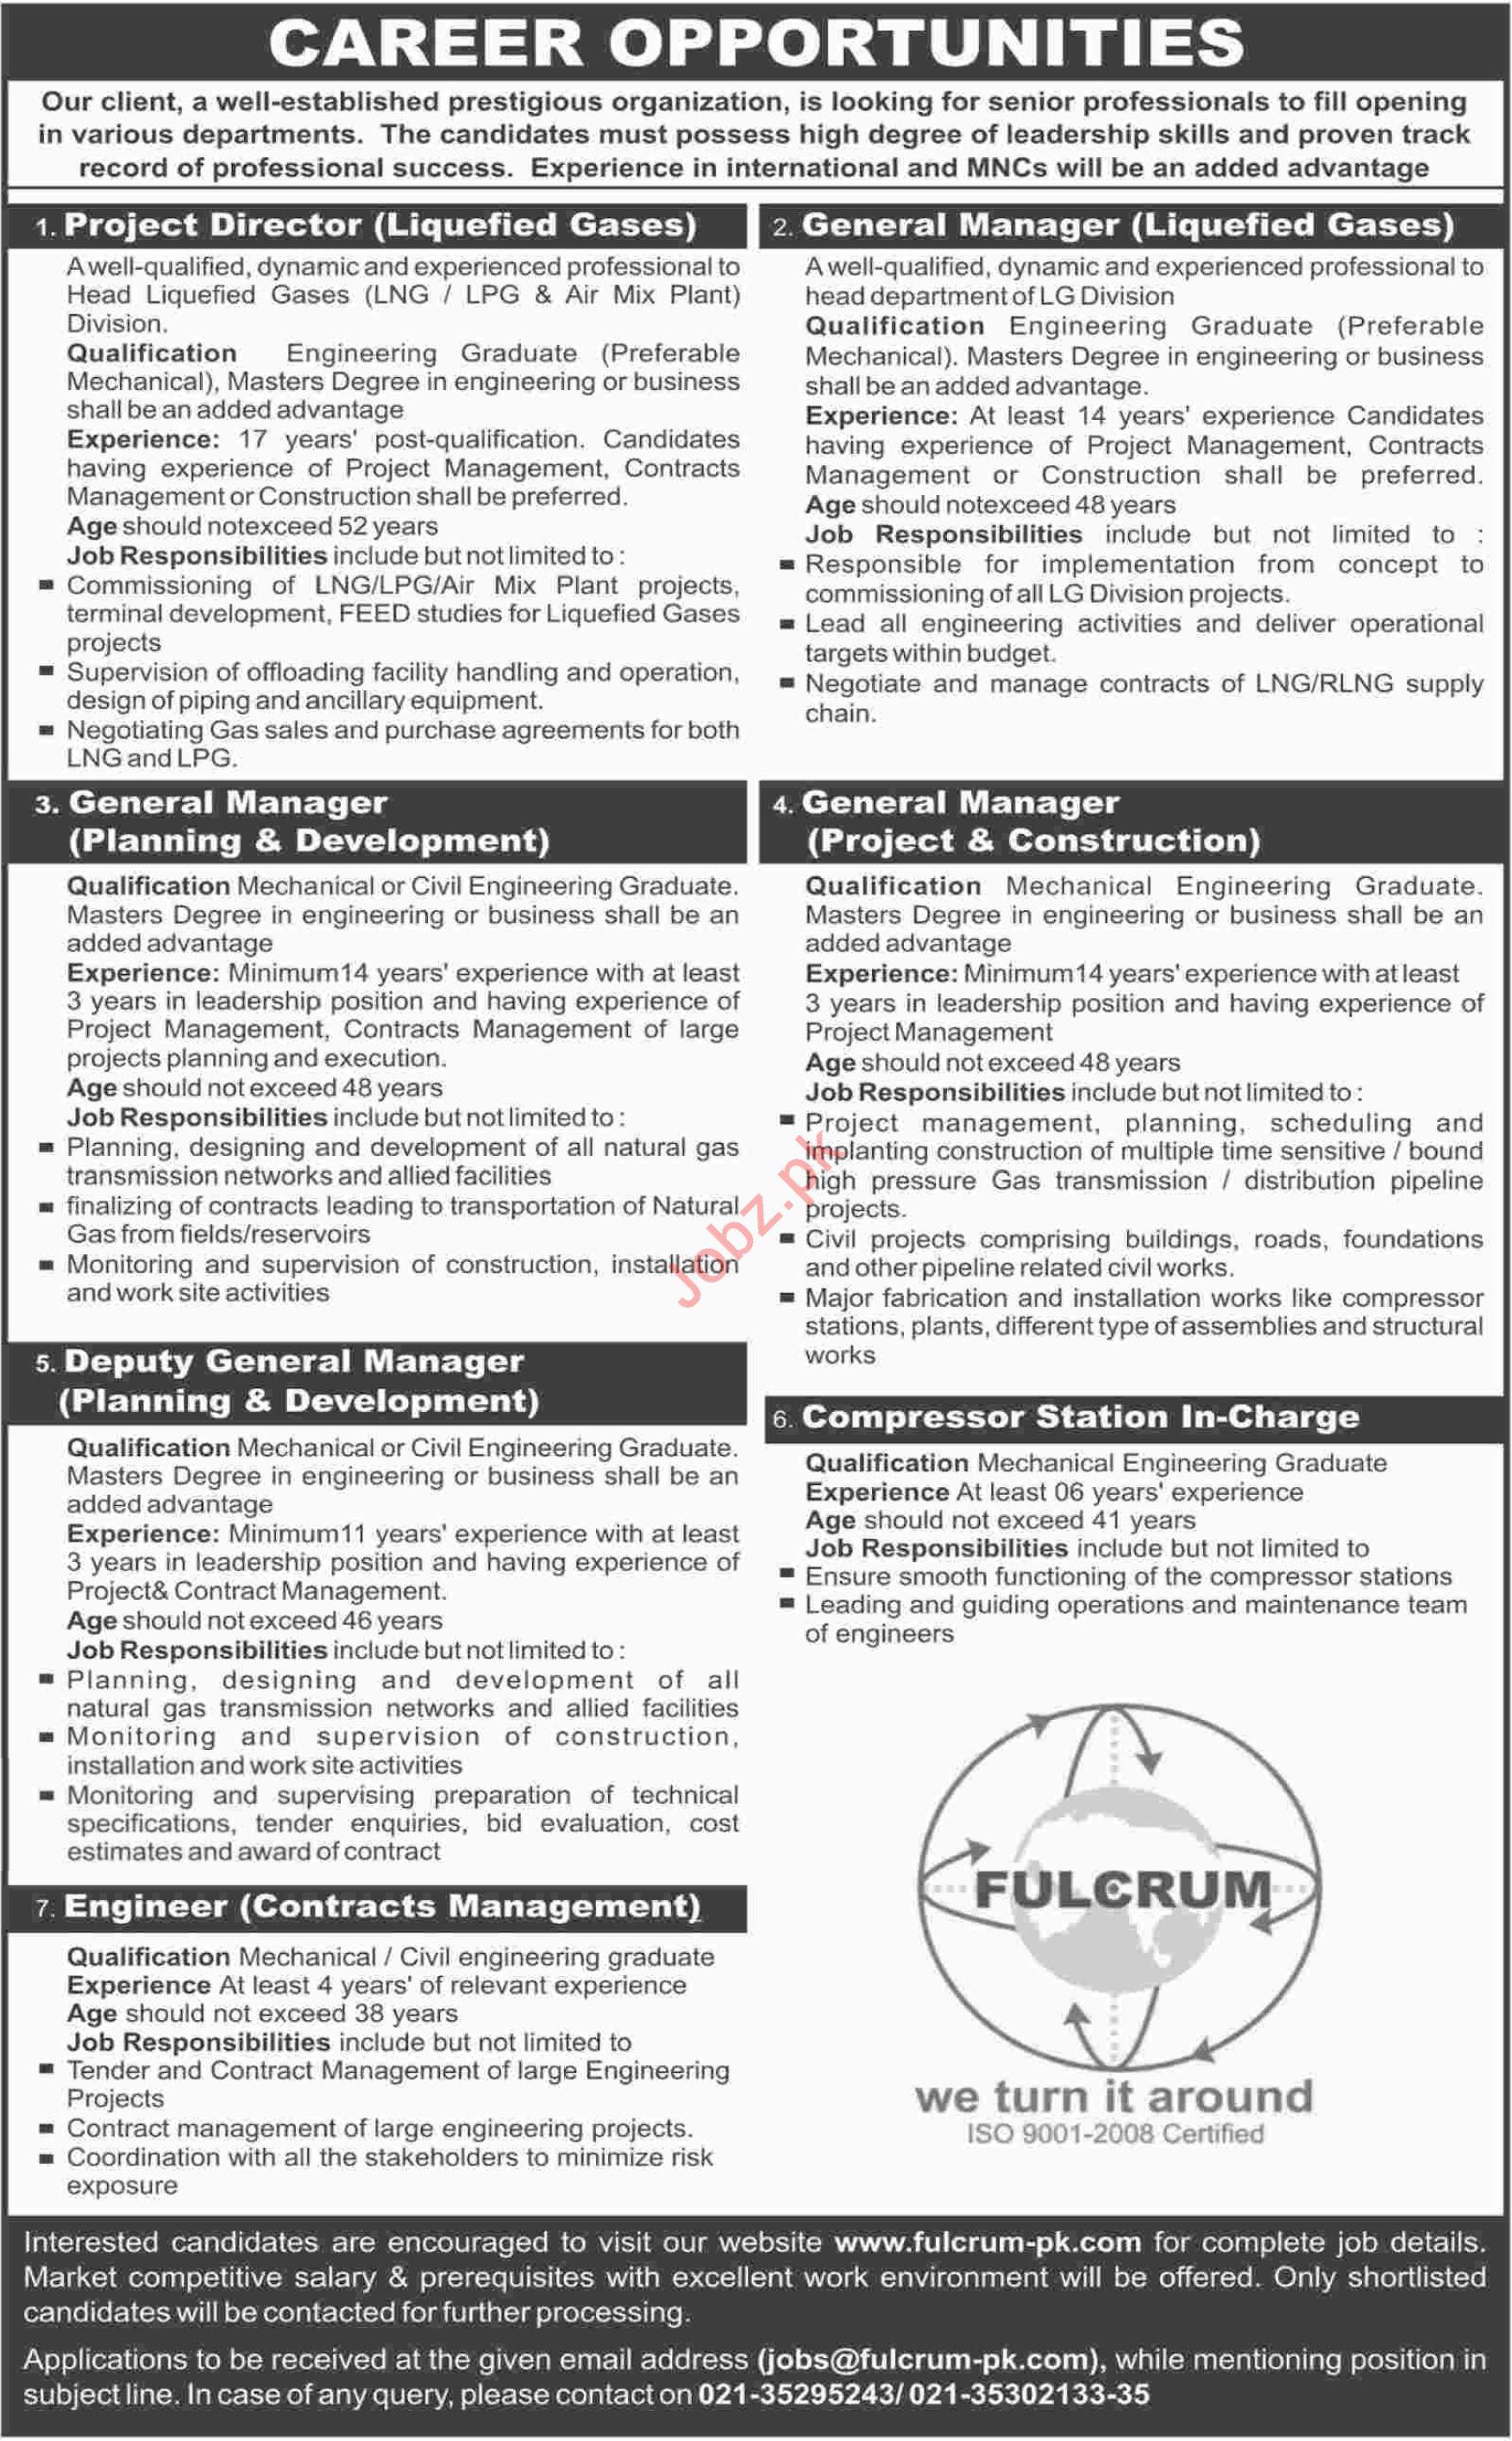 Fulcrum Private Limited Jobs 2019 in Karachi